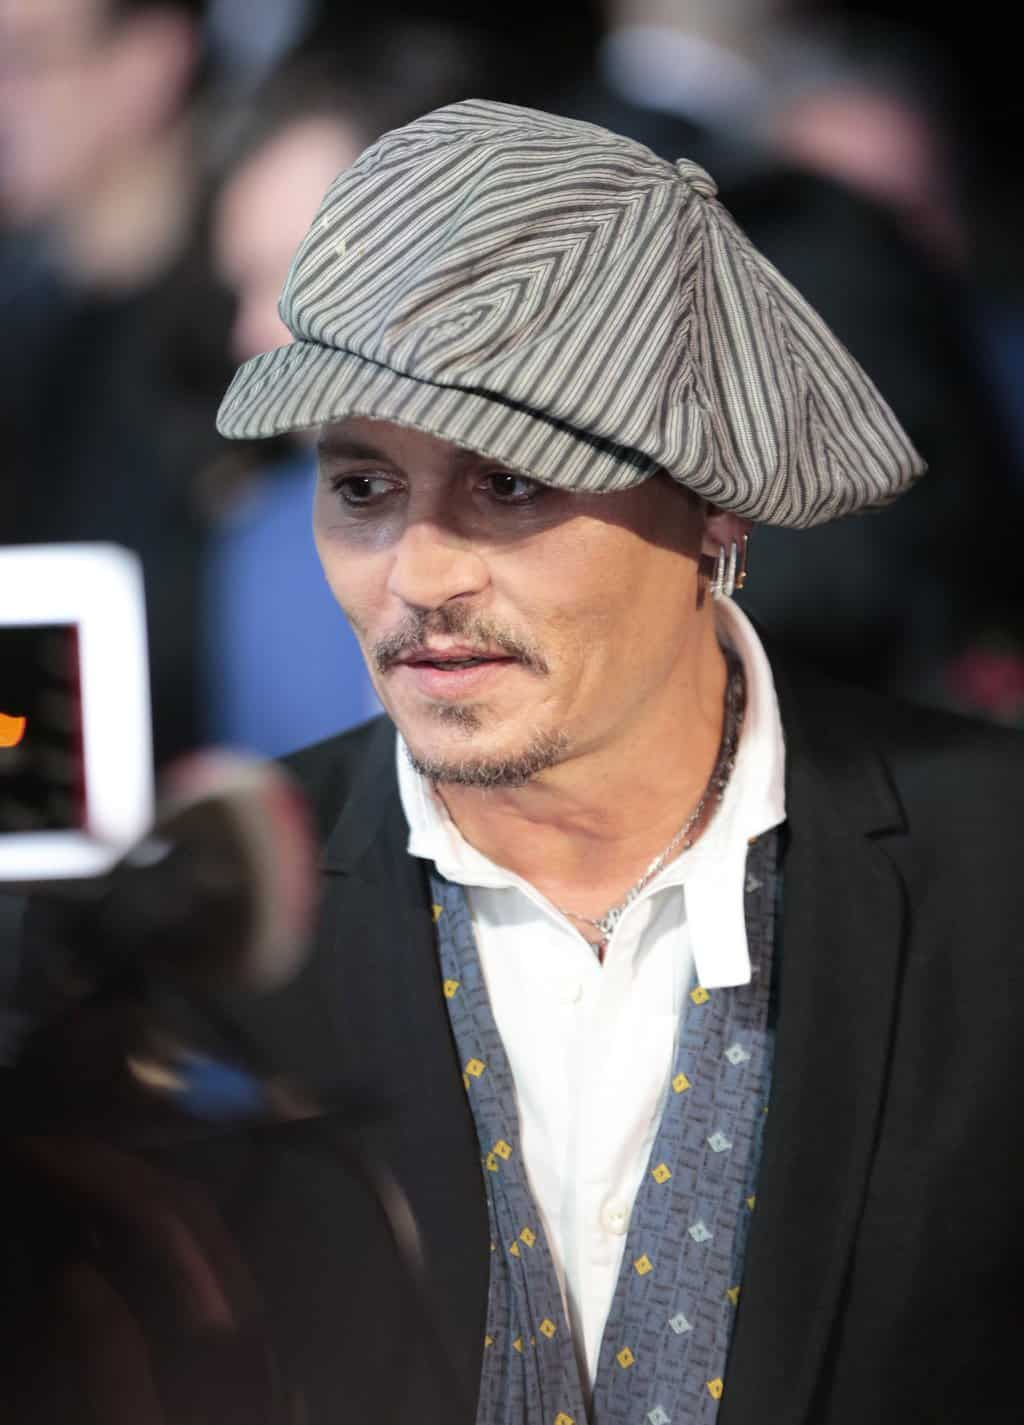 Johnny Depp Zurich Film Festival - NewinZurich - Your Guide To ... 2814684f191